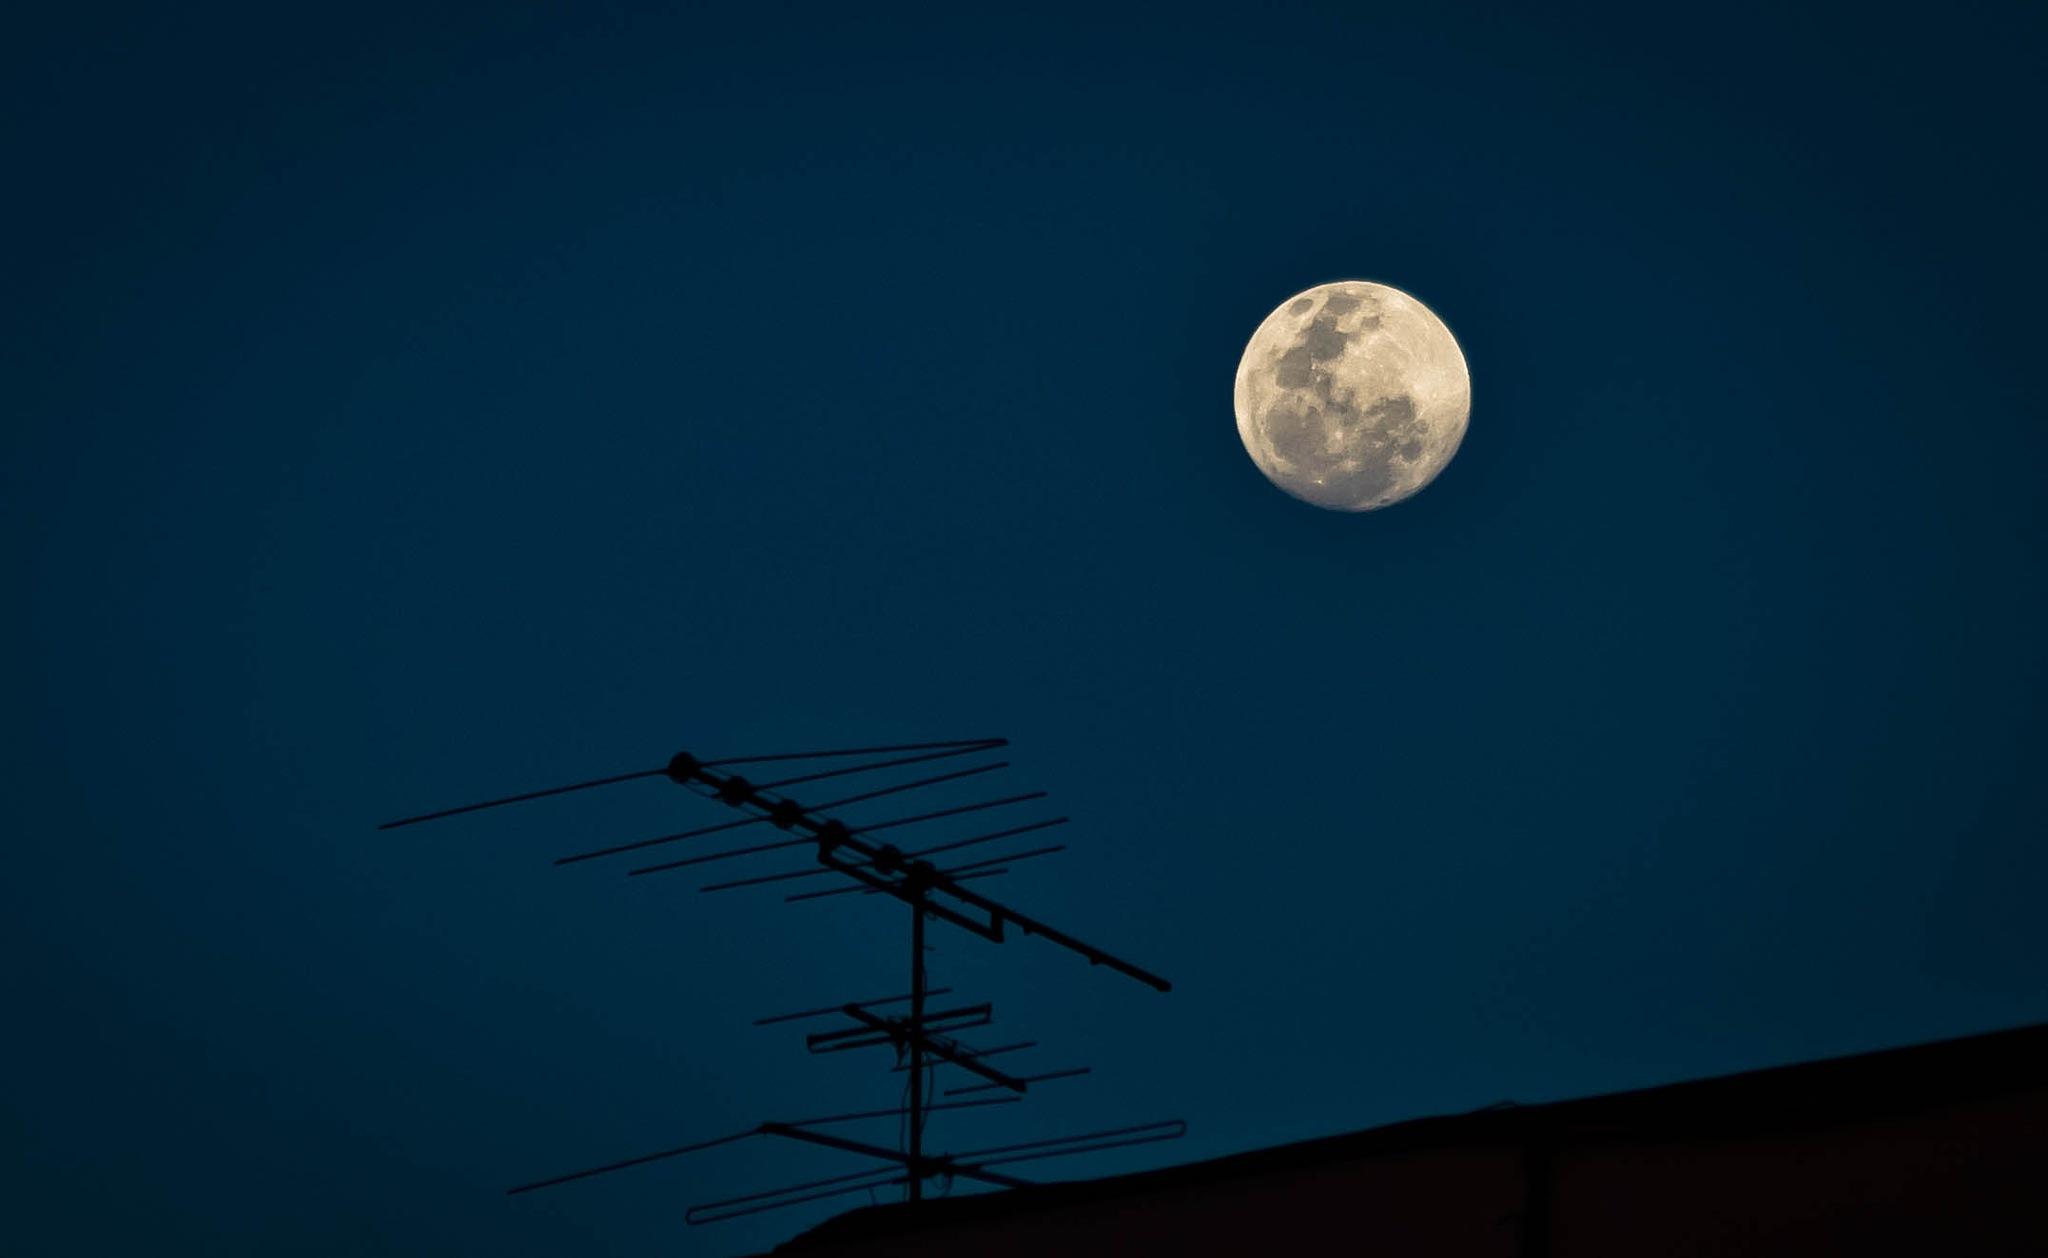 Noche de luna llena by oscarruben_suarez